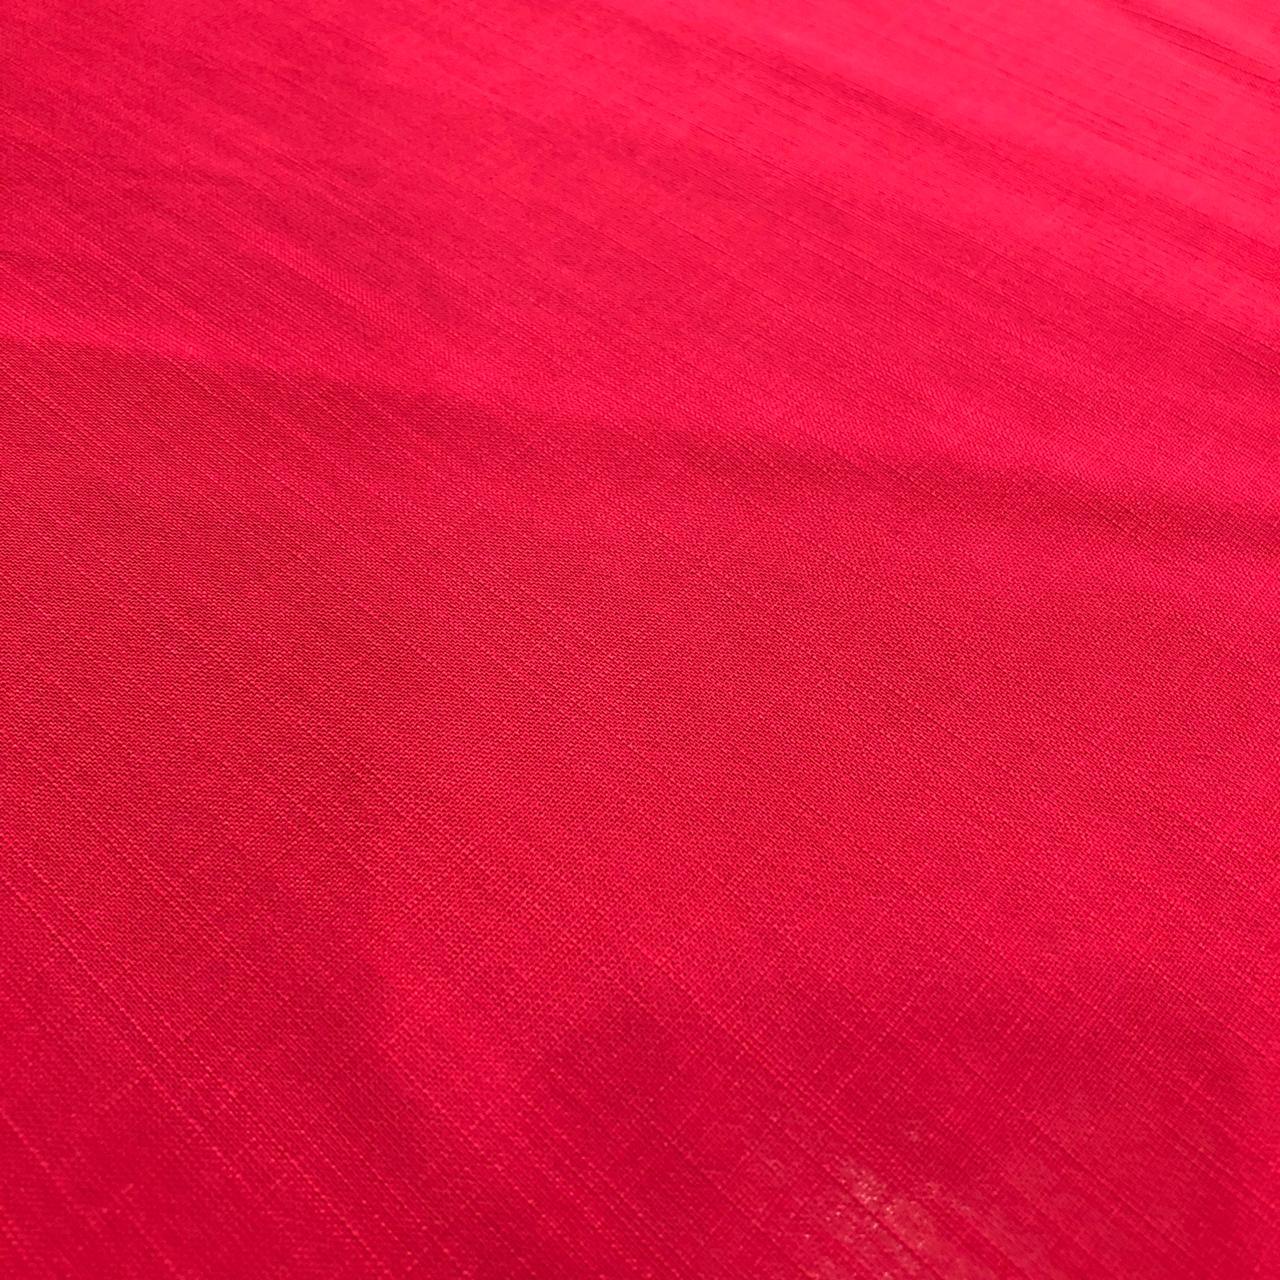 Tecido Viscose Rayon Maquinetada Vermelho